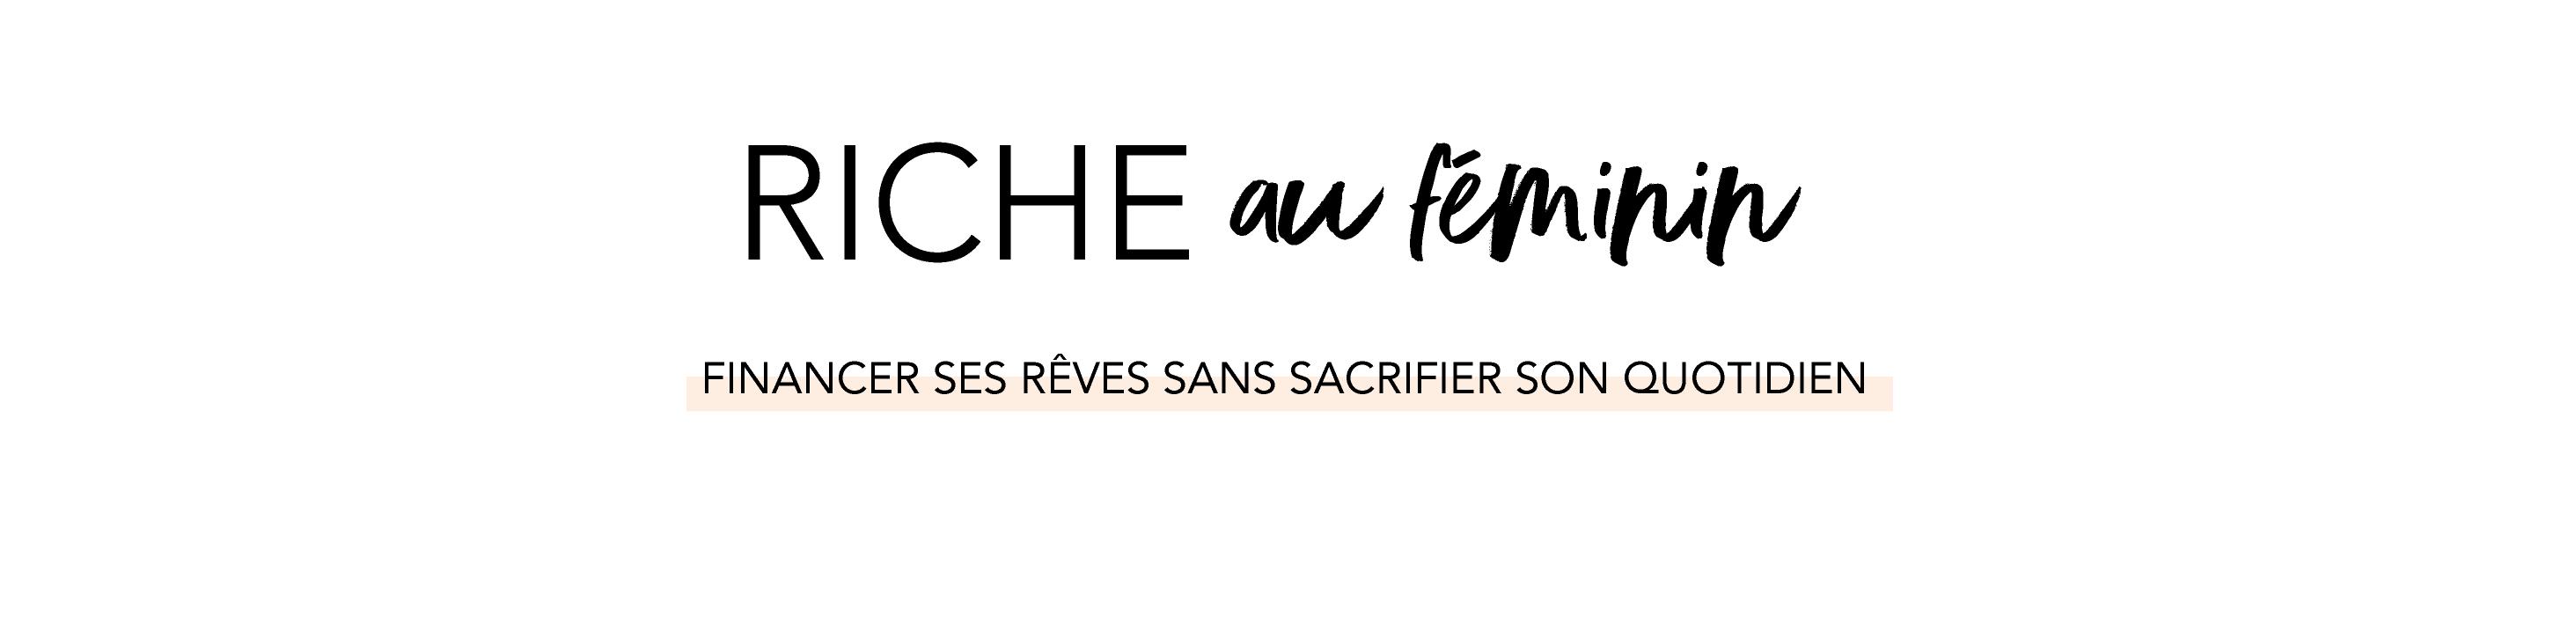 Riche au Féminin